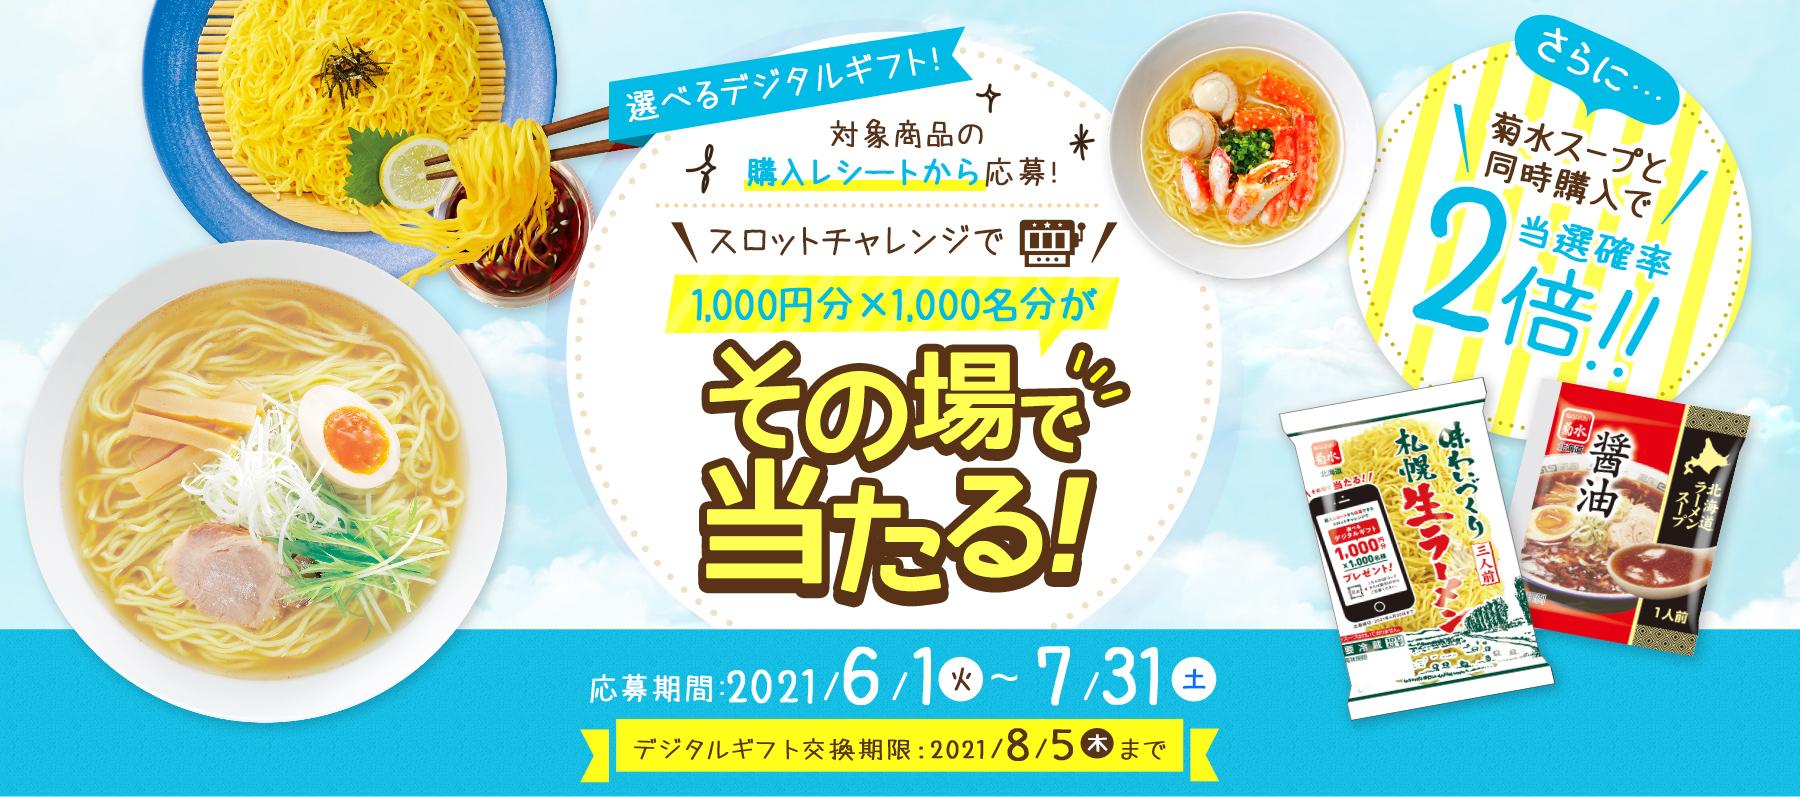 スロットチャレンジで1,000円分×1,000名分がその場で当たる!